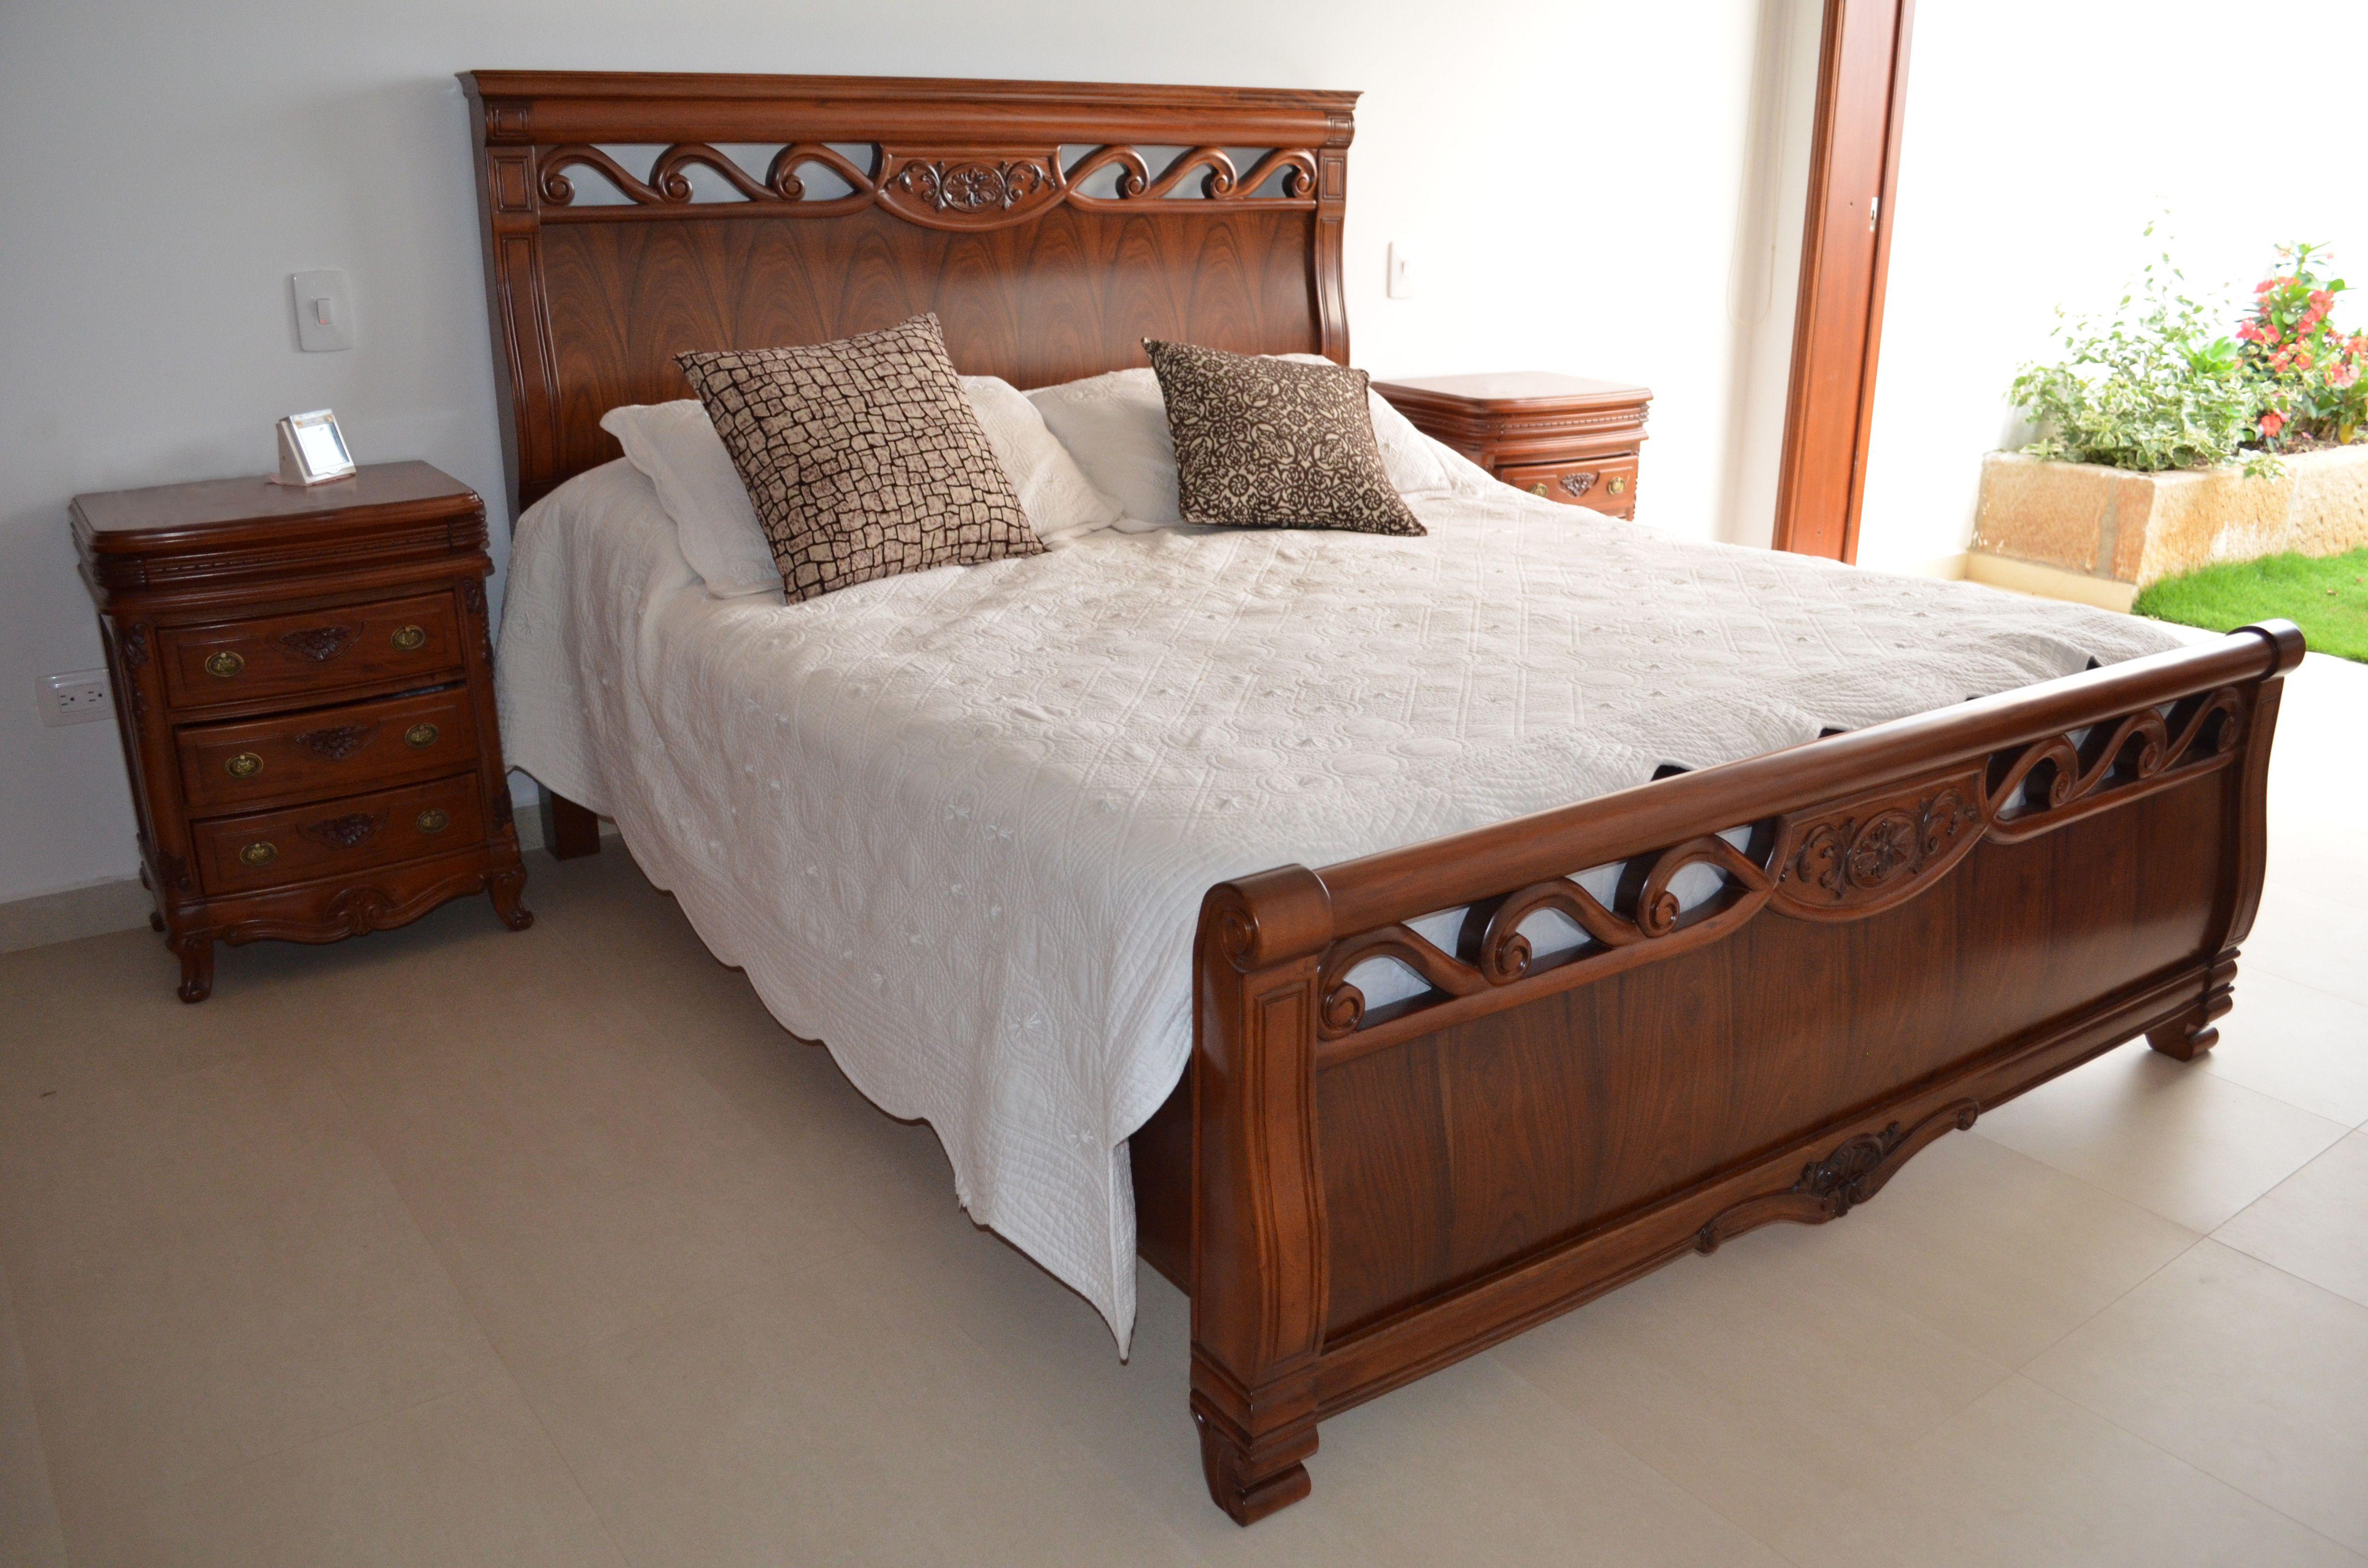 Estilos de camas en madera cama en madera de acacia gris for Camas con dosel de madera